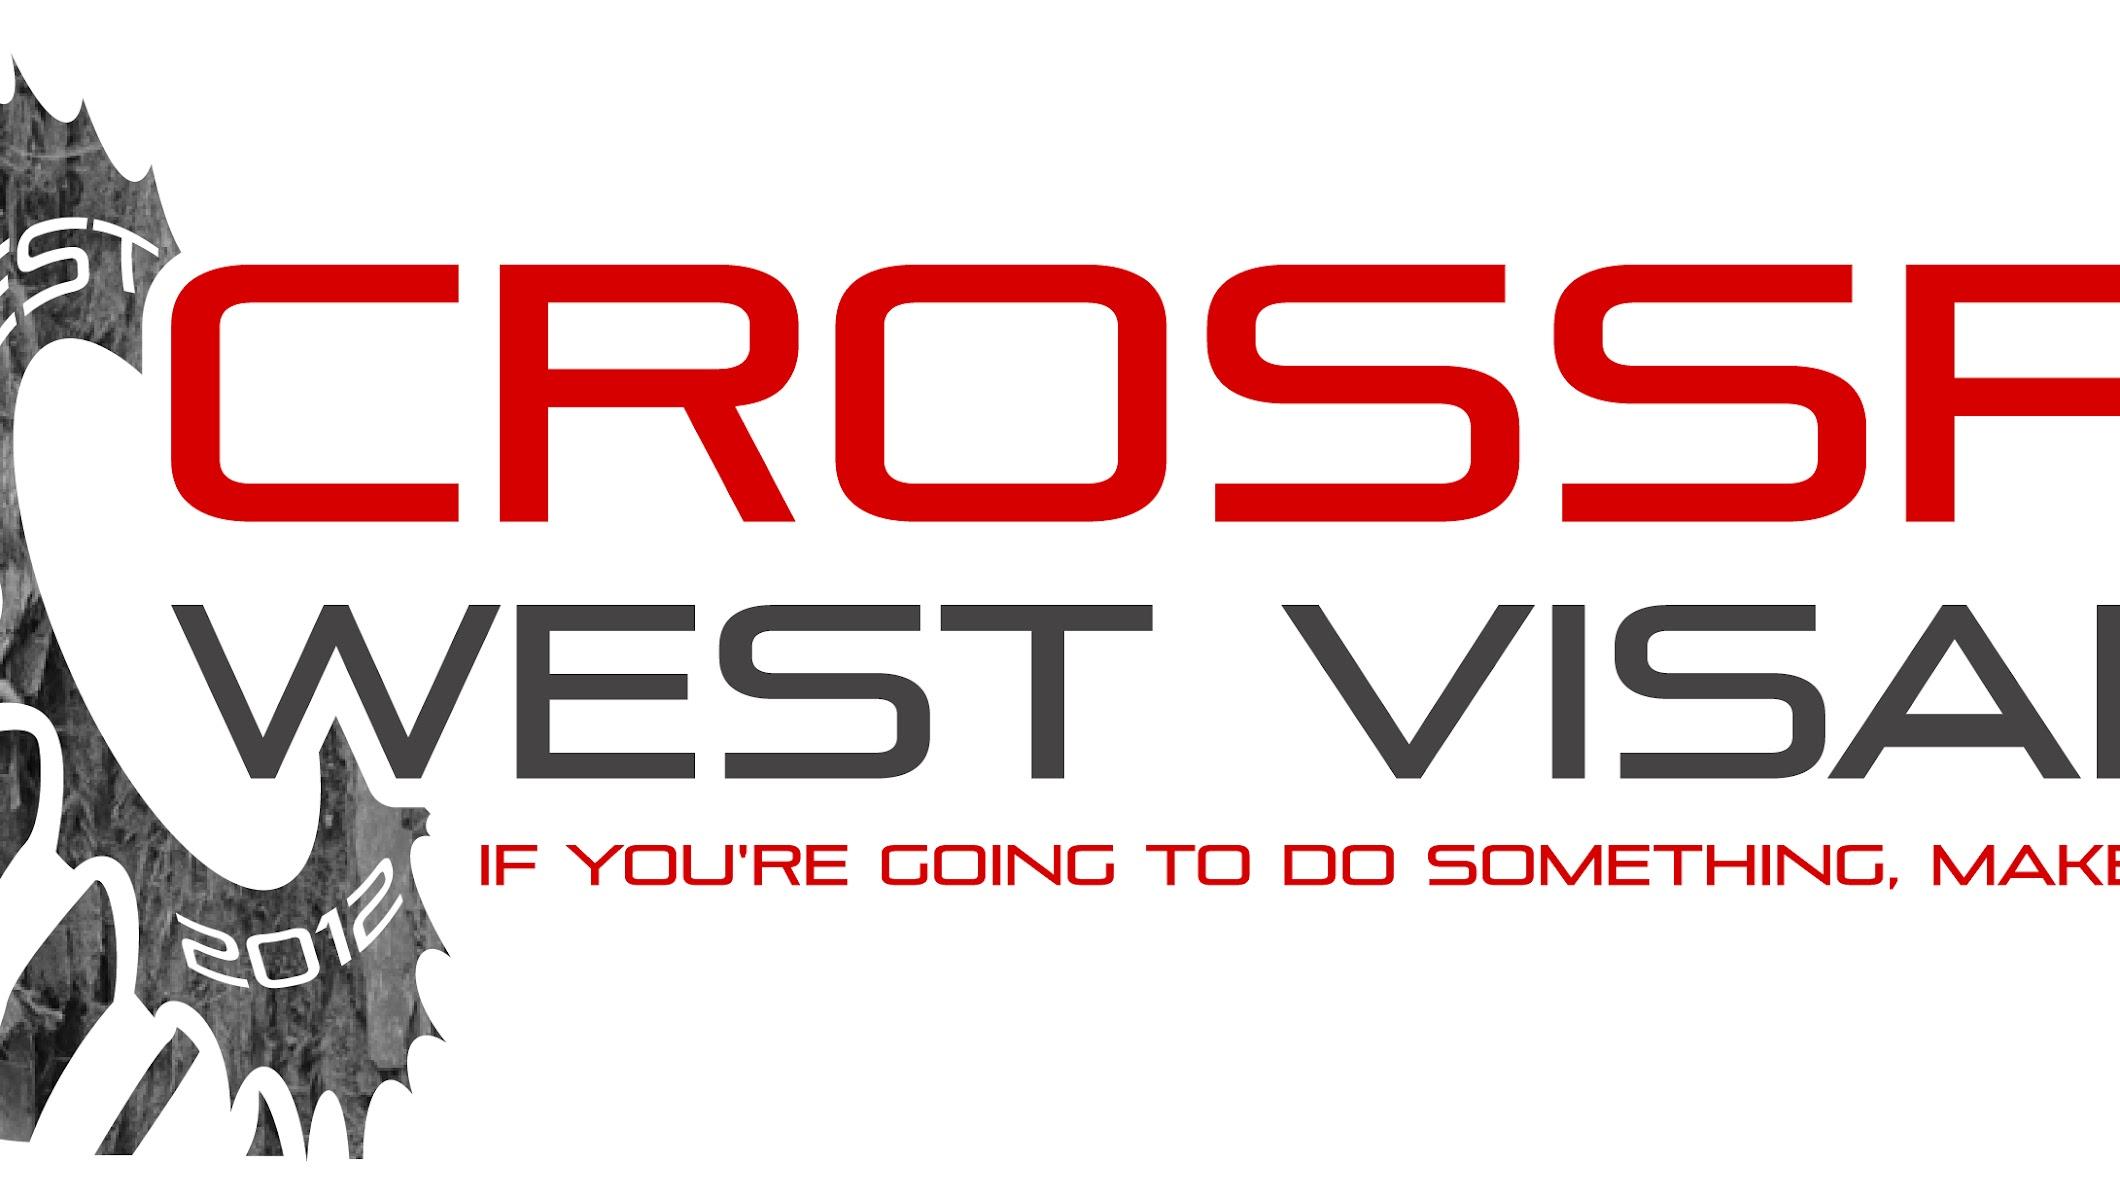 CrossFit West Visalia